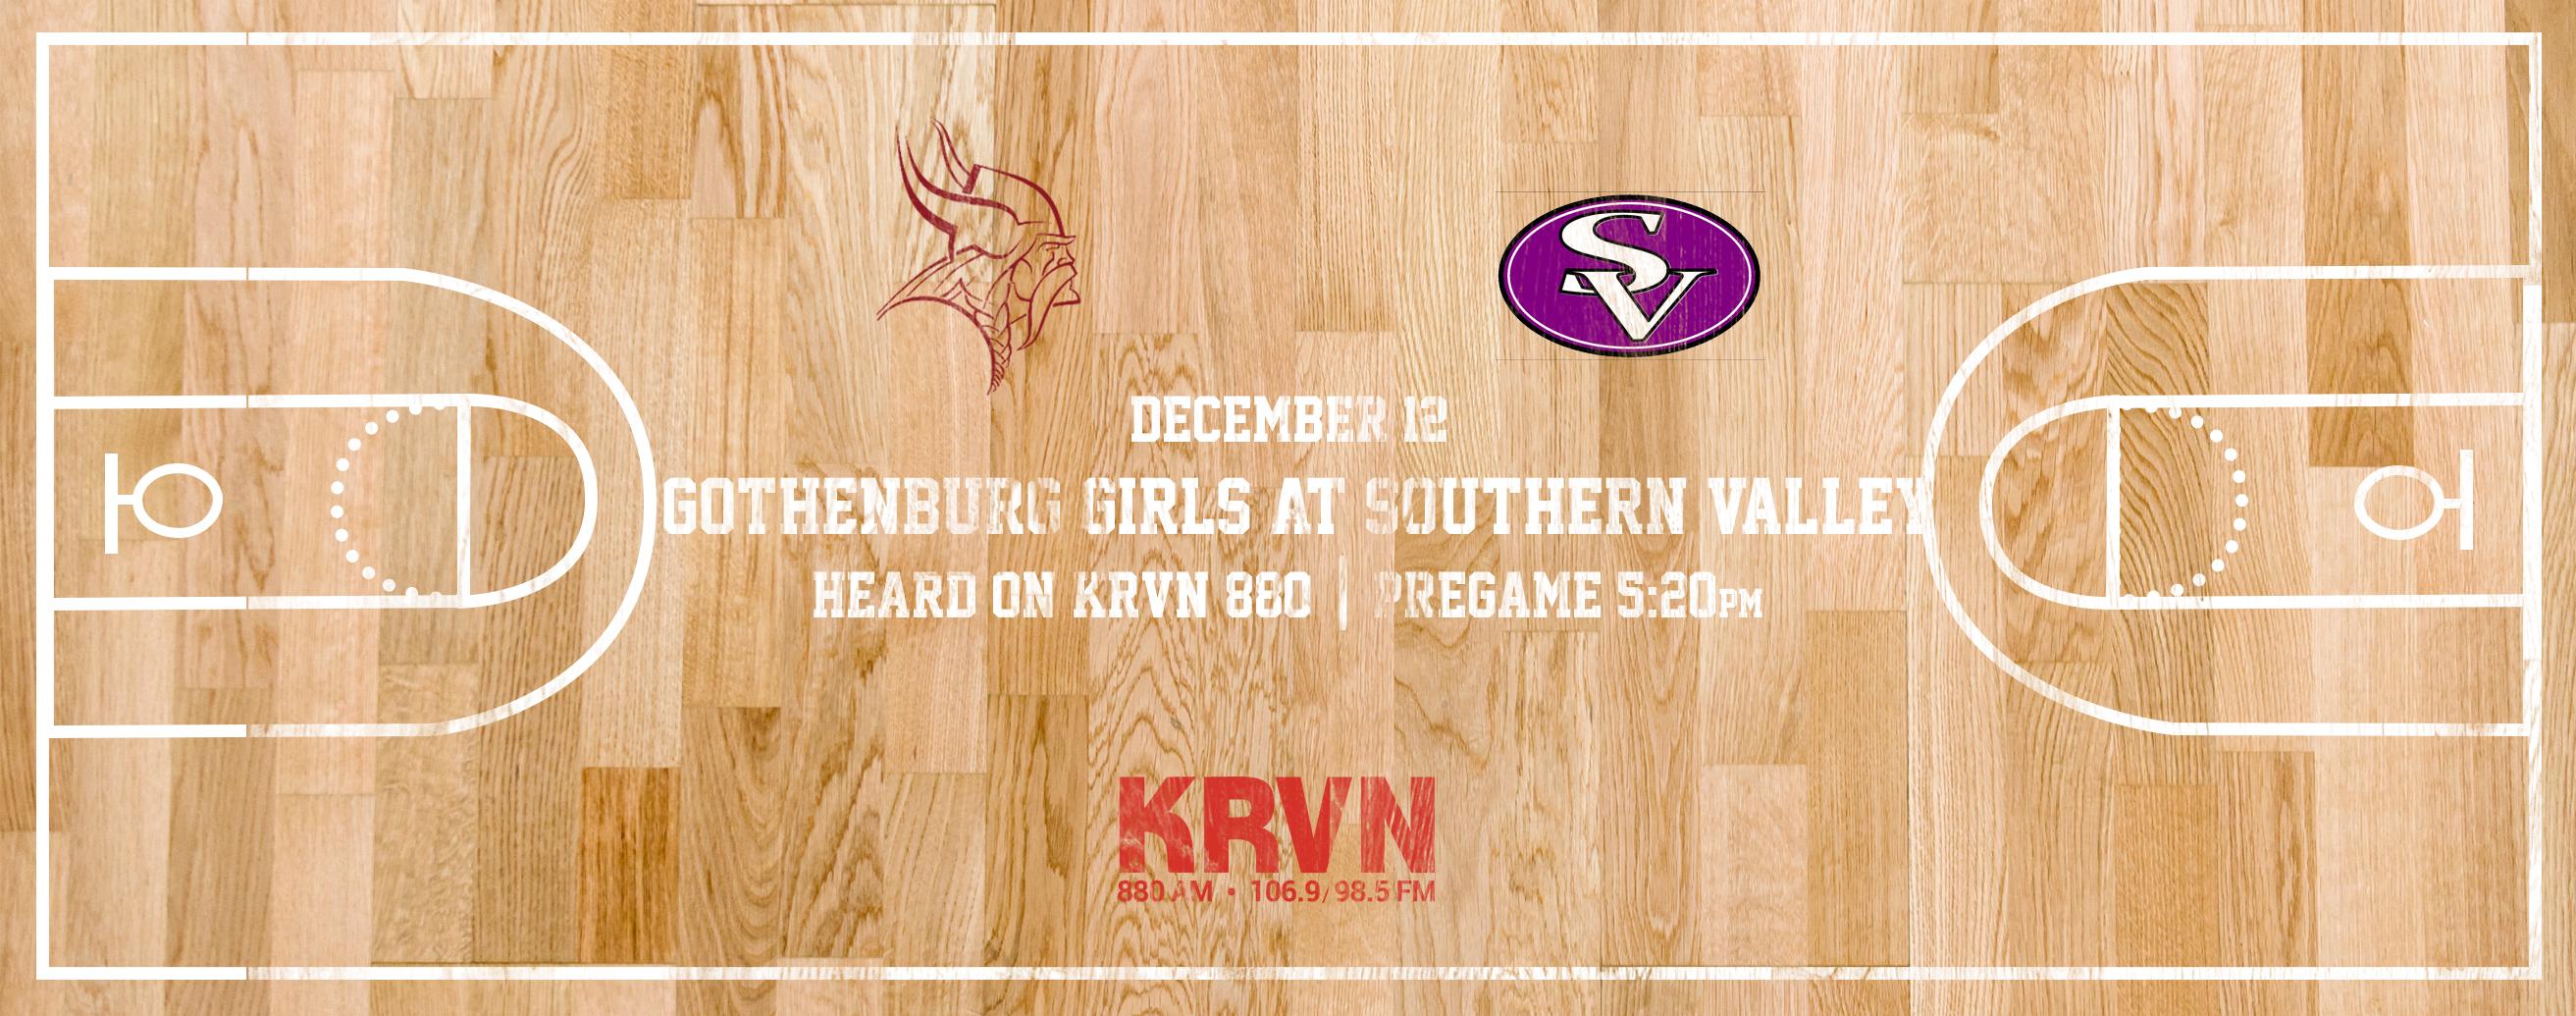 HS Basketball: KRVN AM Girls